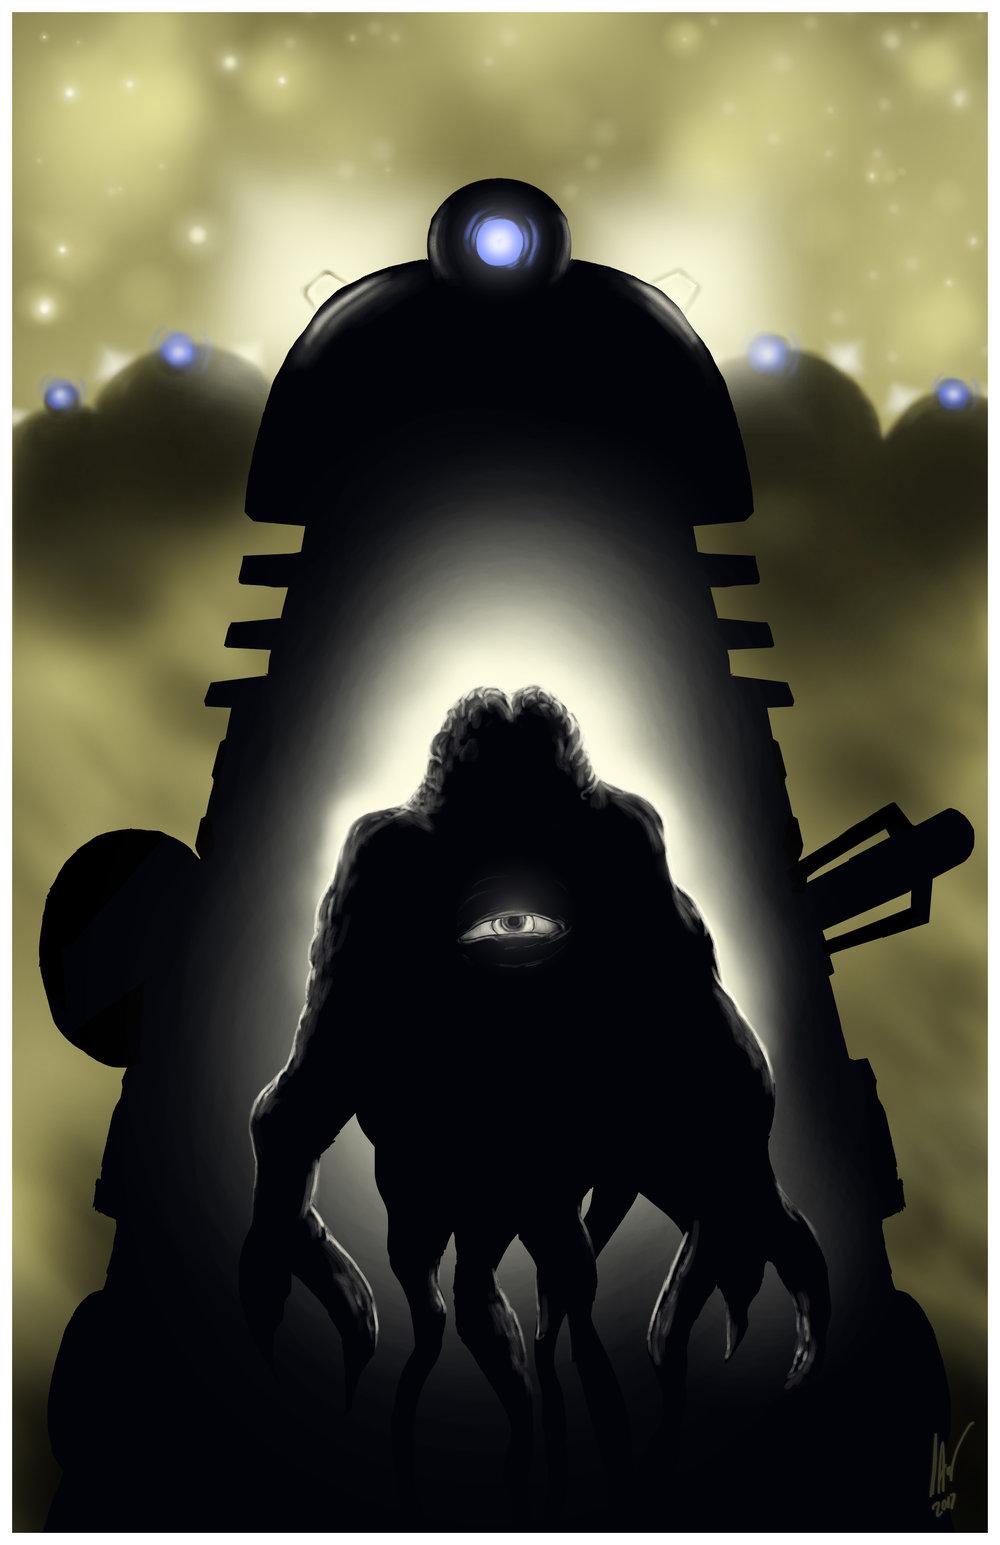 Doctor Who-The Dalek 11x17.jpg